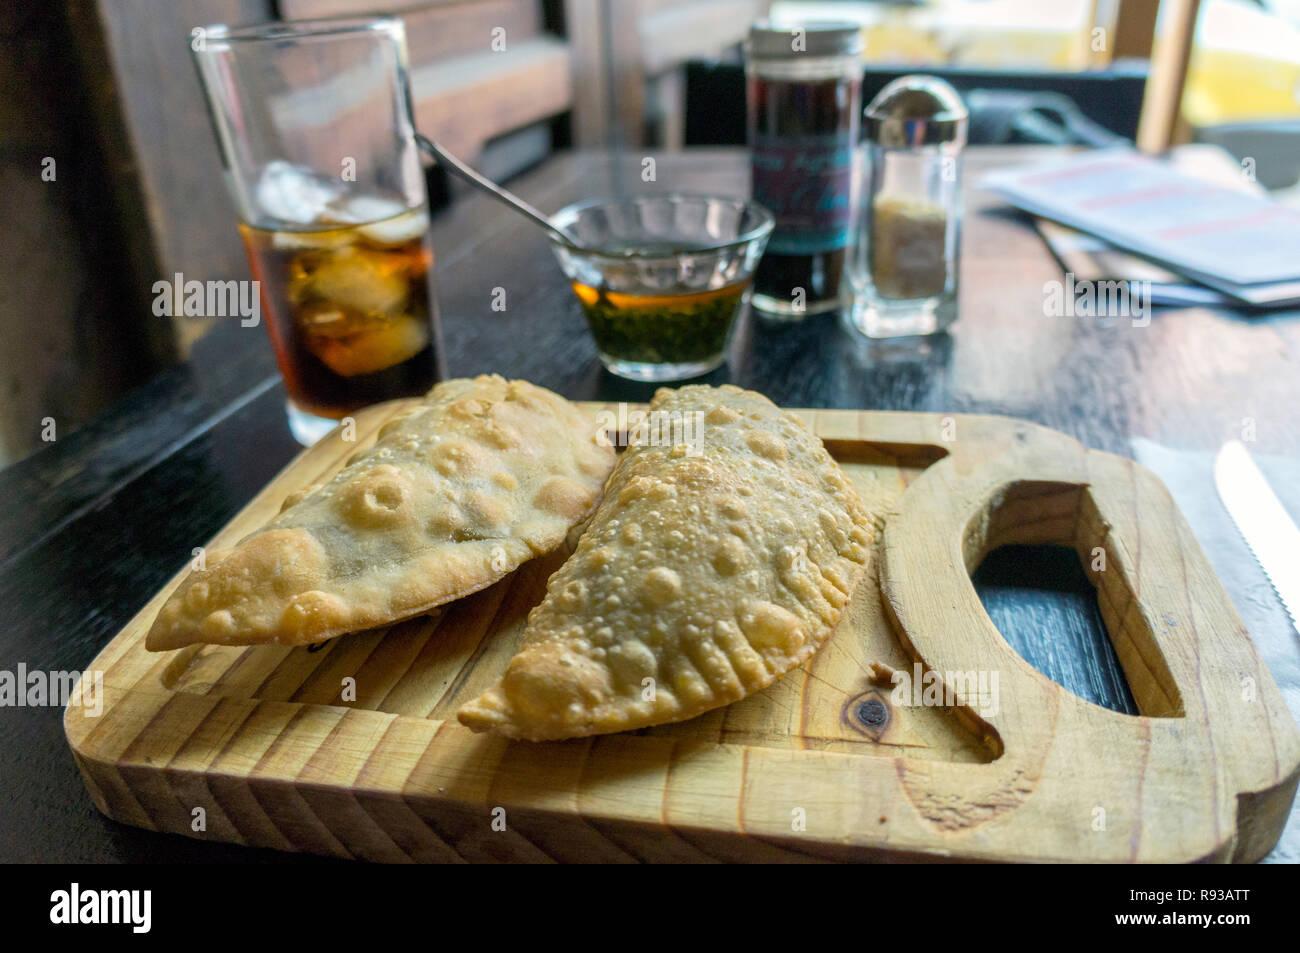 La nourriture mexicaine, de l'Amérique latine, de boulangerie traditionnelle Empanadas à la viande Banque D'Images